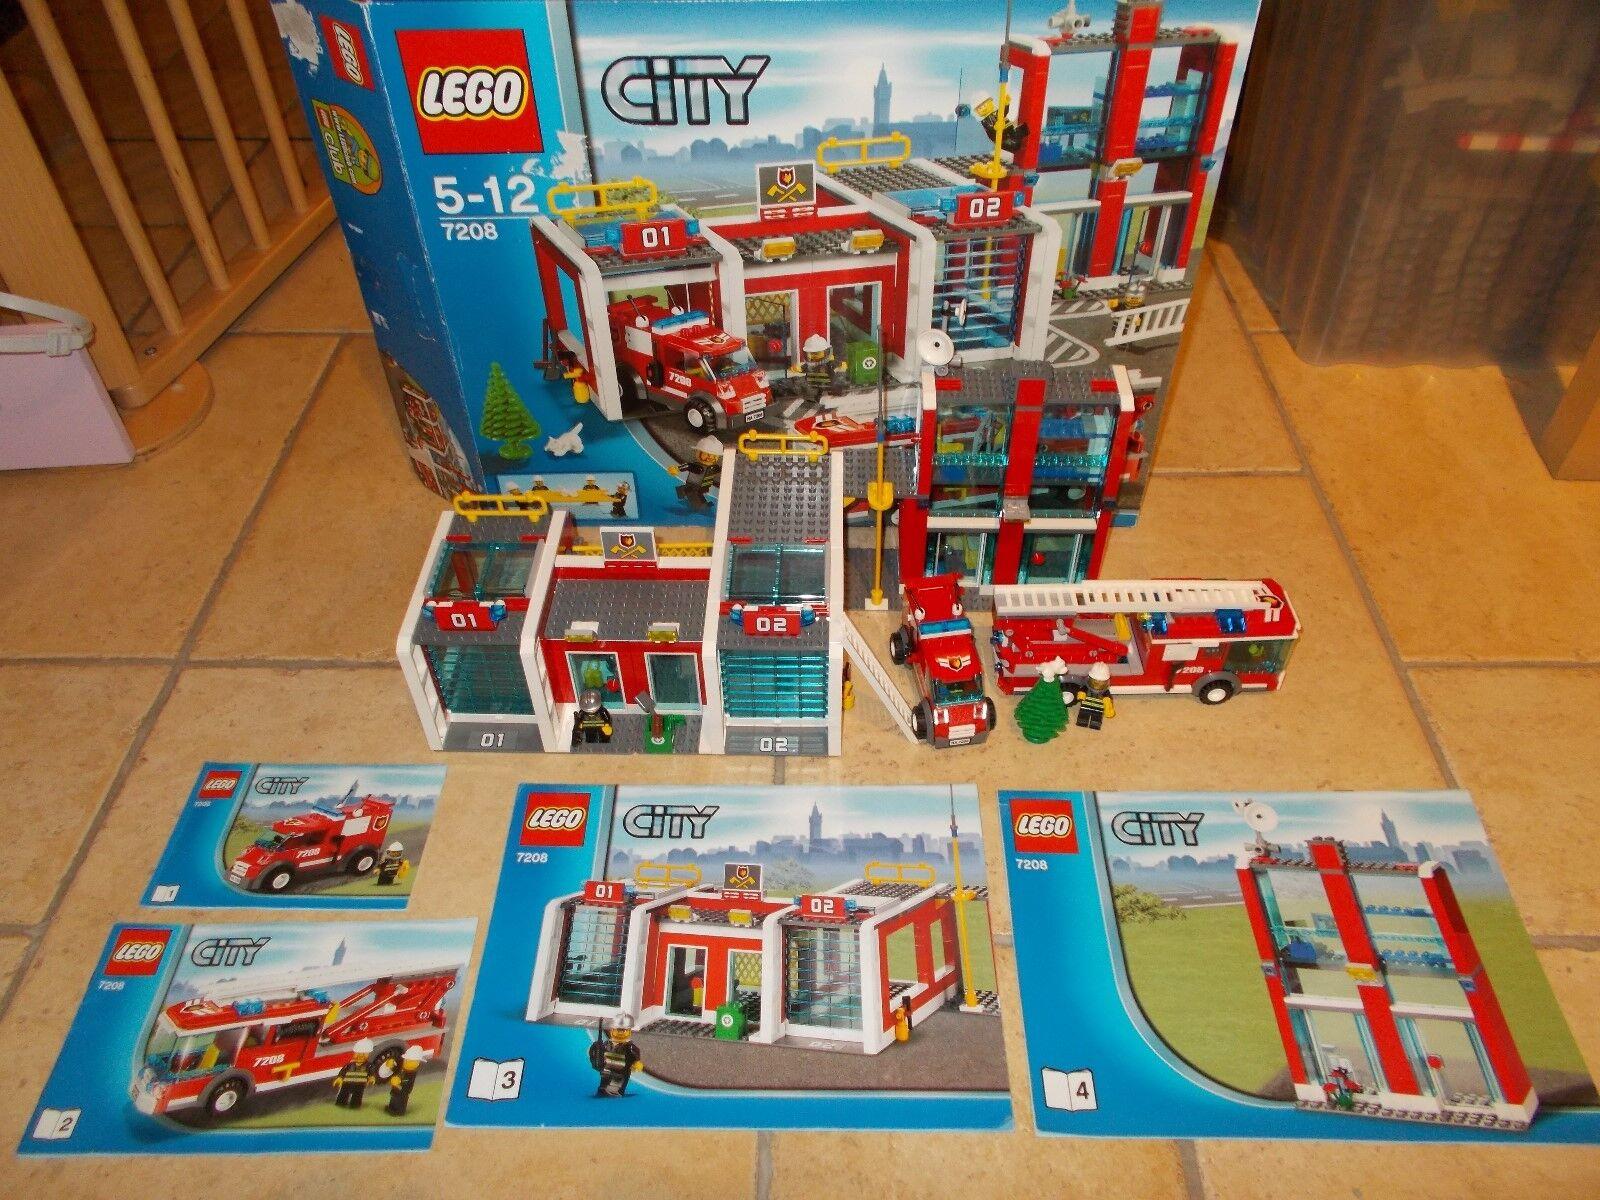 Lego ® City bomberos - 7208-gran estación de bomberos con embalaje original y ba